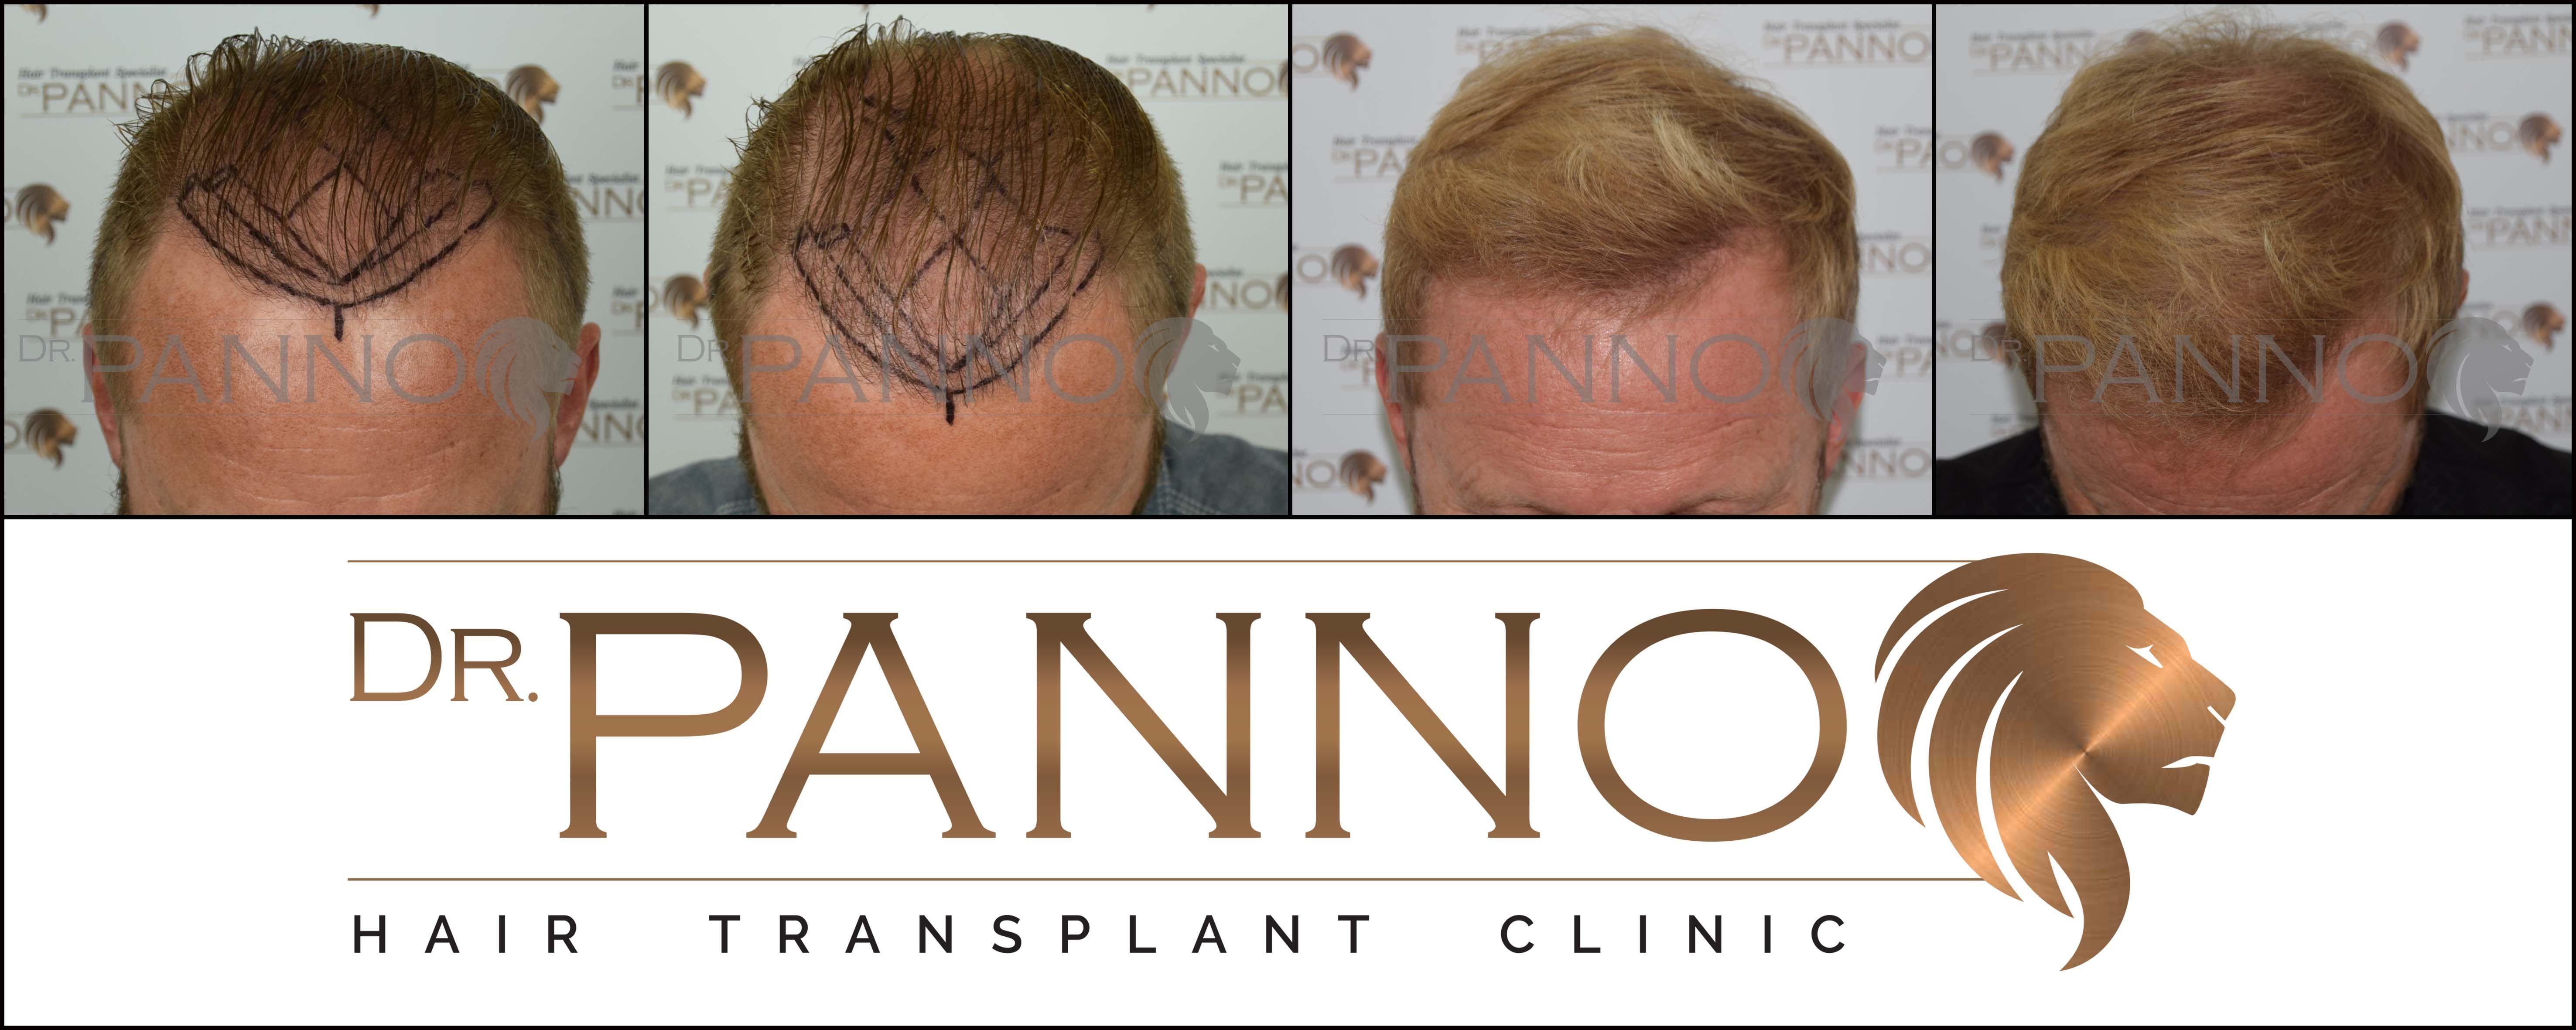 b7fb82cb0cdbe Nuevo resultado de  trasplante  capilar realizado en pelo rubio mediante  técnica  FUE en